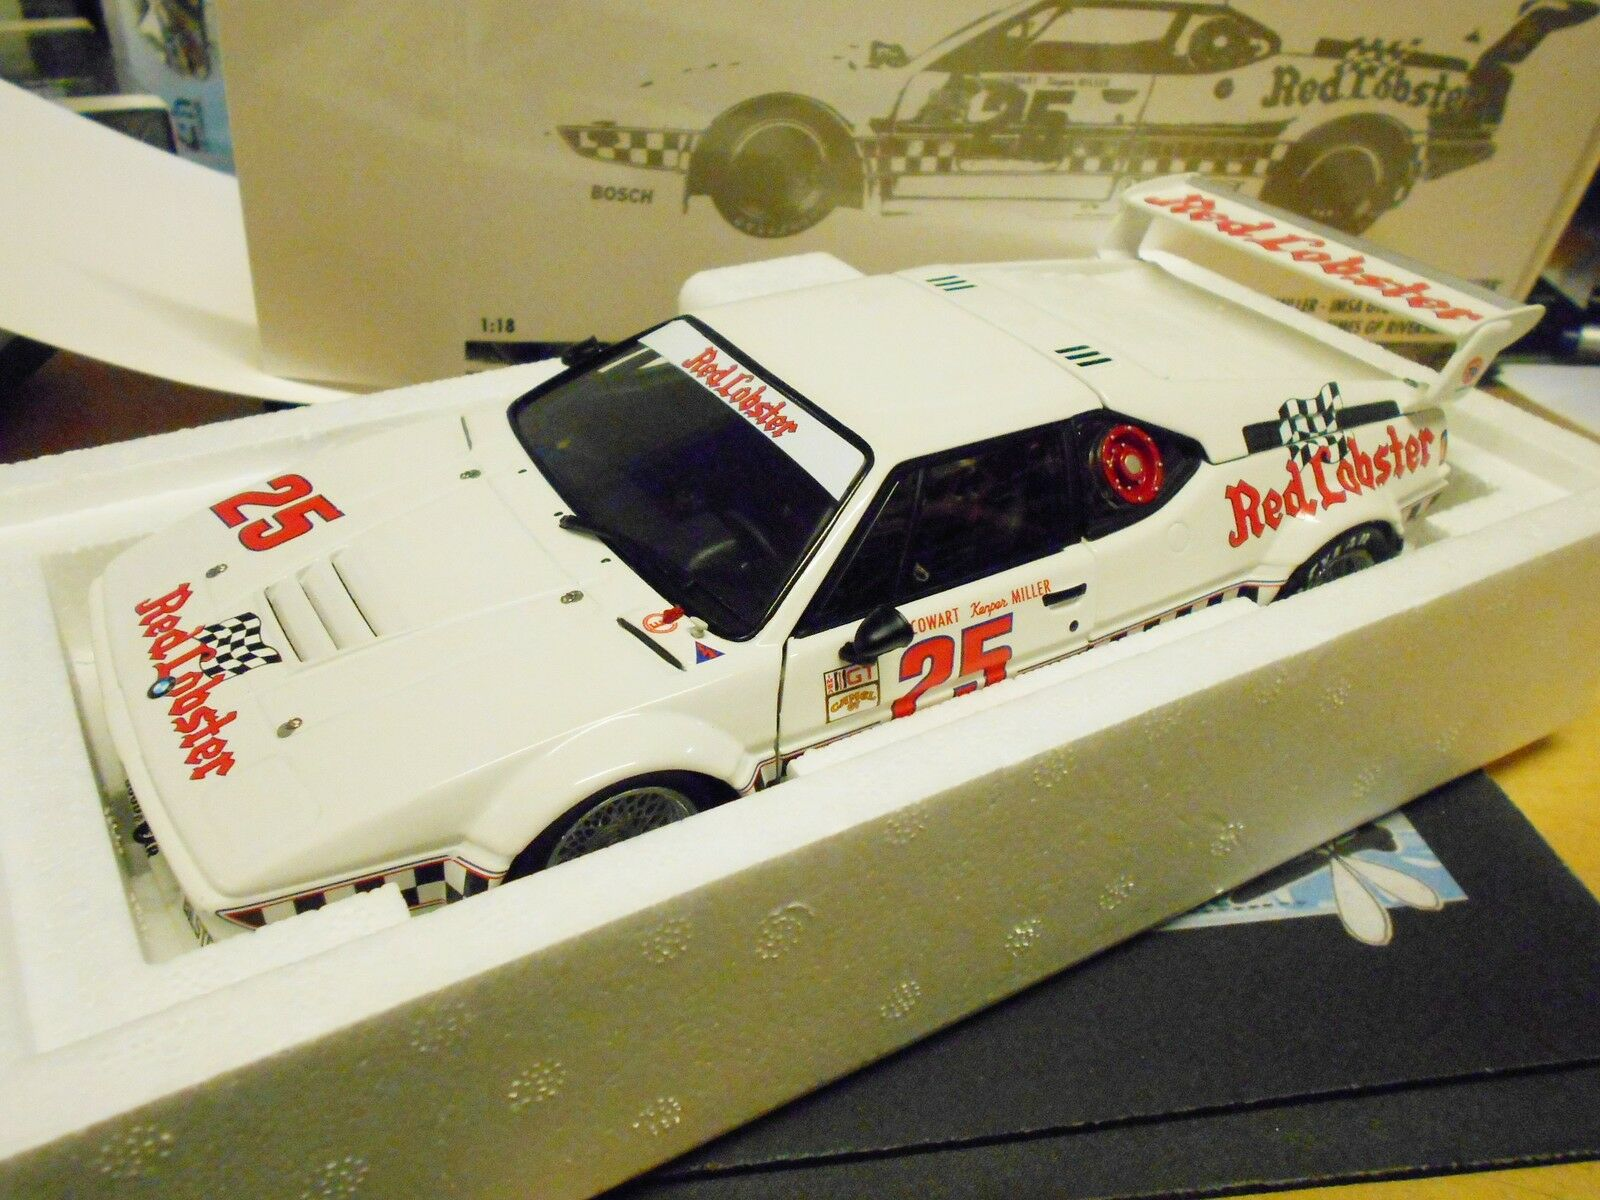 BMW m1 e26 GTO la GP WINNER rosso Lobster 1981 Cowart Mller US NUOVO Minichamps 1 18